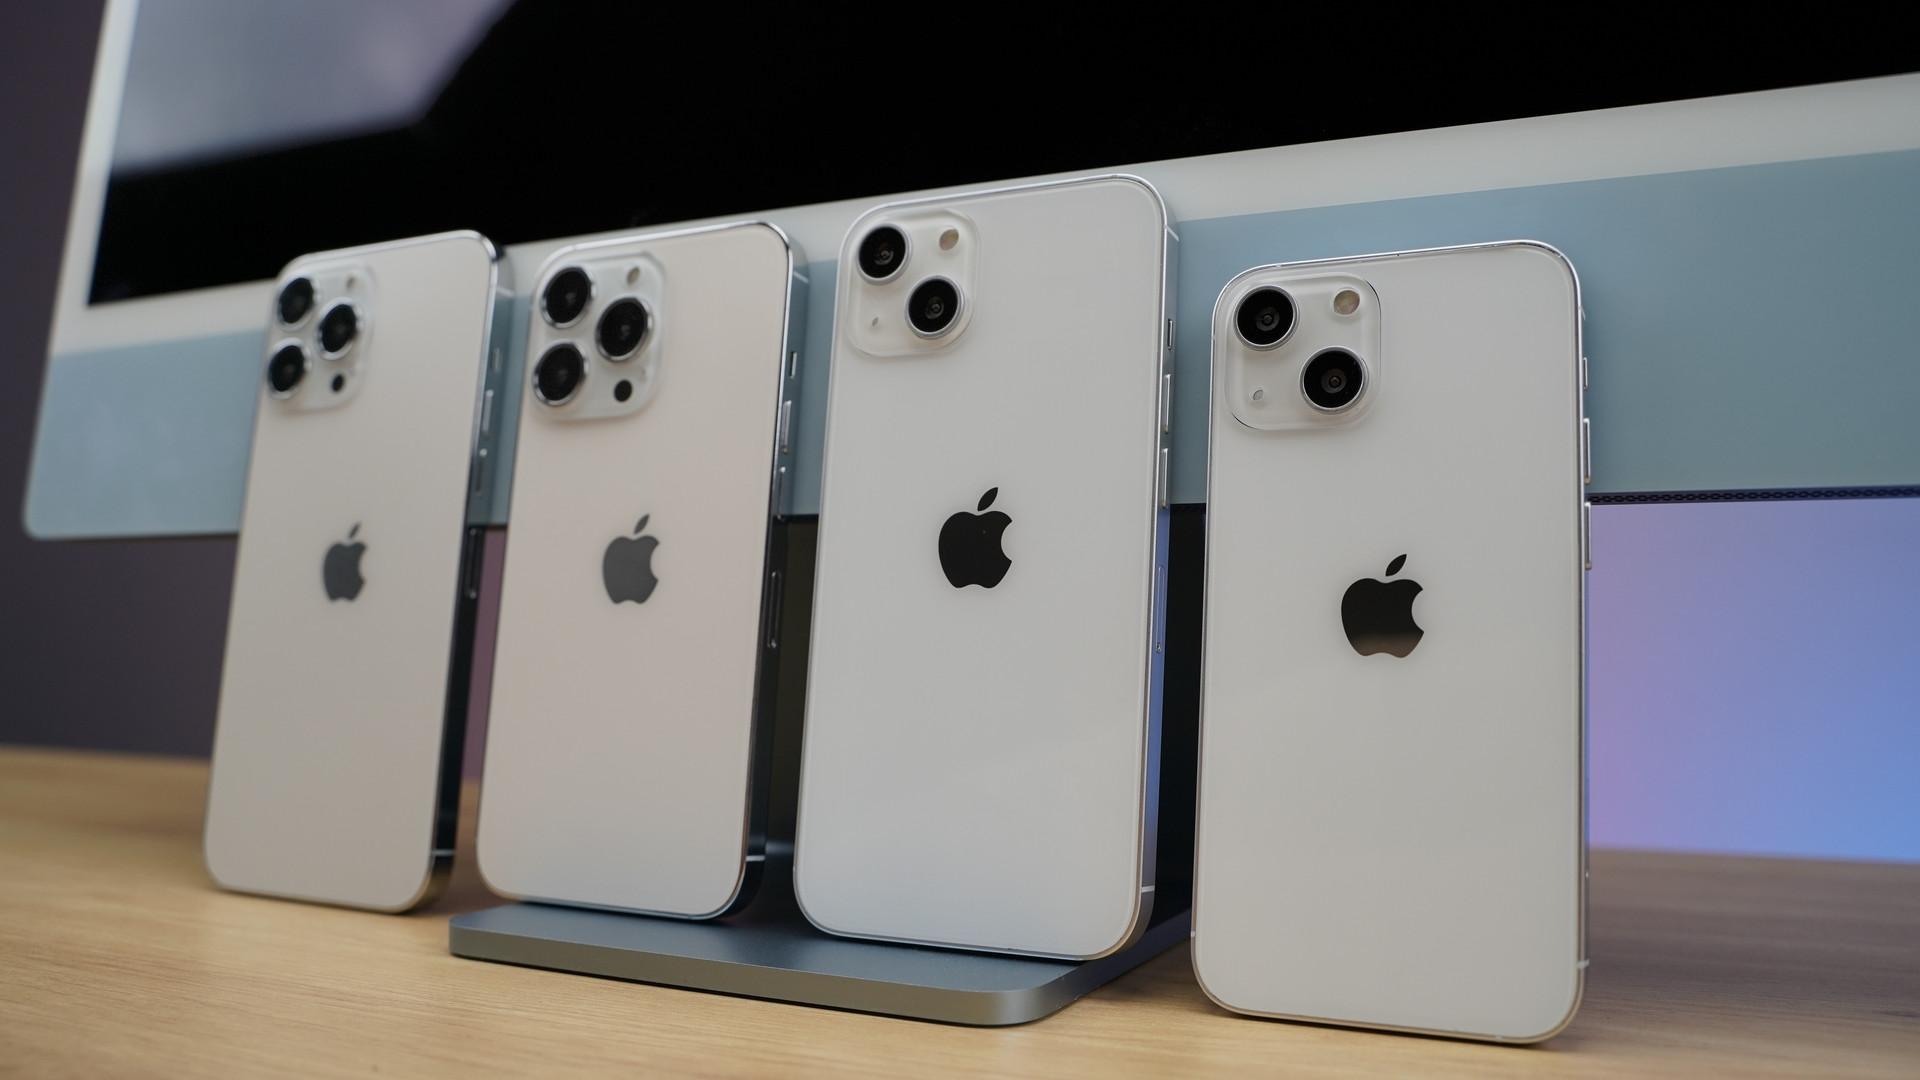 Cận cảnh mô hình 4 chiếc iPhone 13 tại Việt Nam - 2